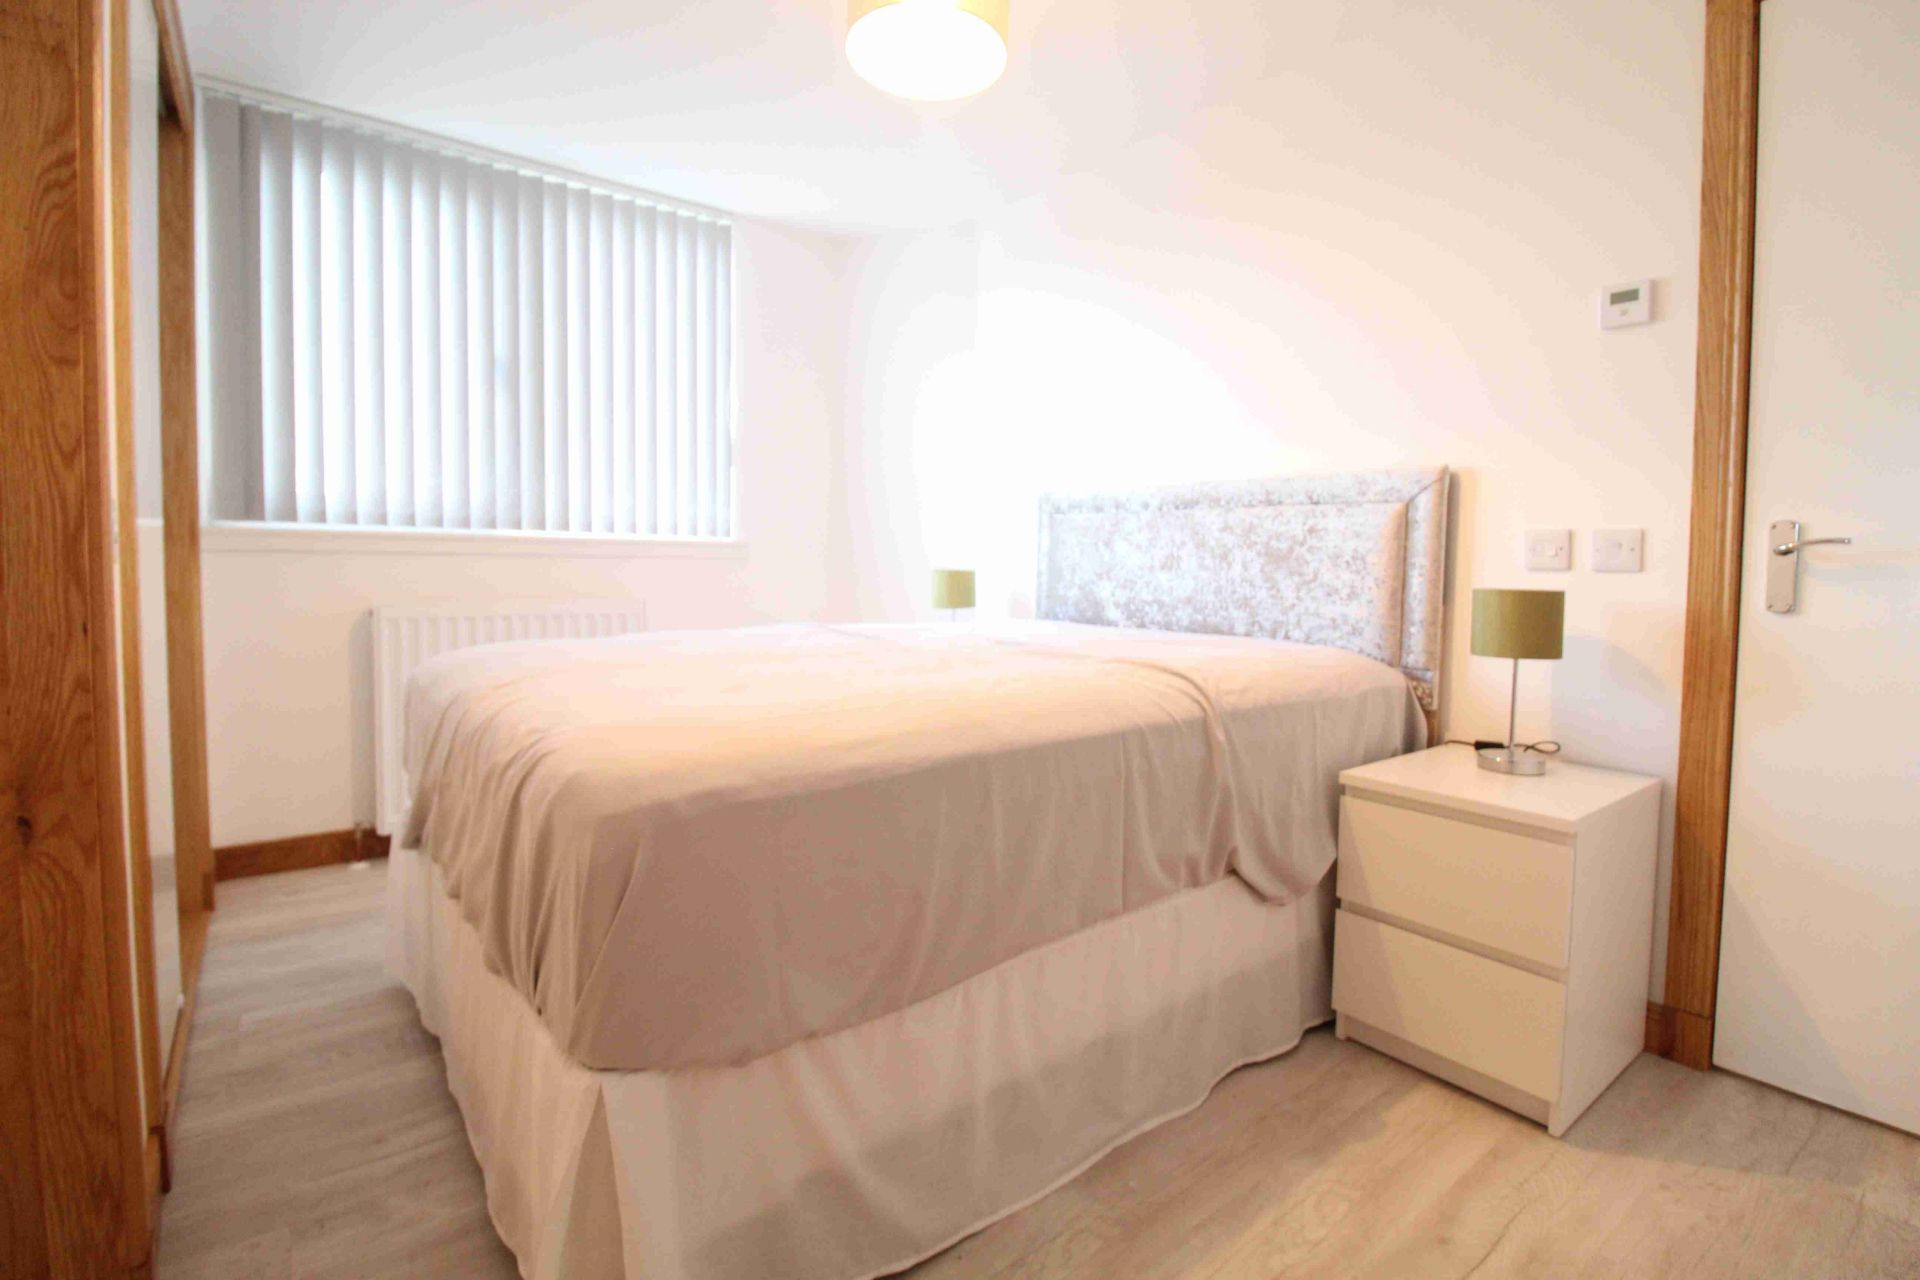 ARD-Properties-Development-Sites-Buy-Homes-Rent-Aberdeenshire-Rentals-Apartment-B-Loanhead-Terrace-Aberdeen-Banner (1)